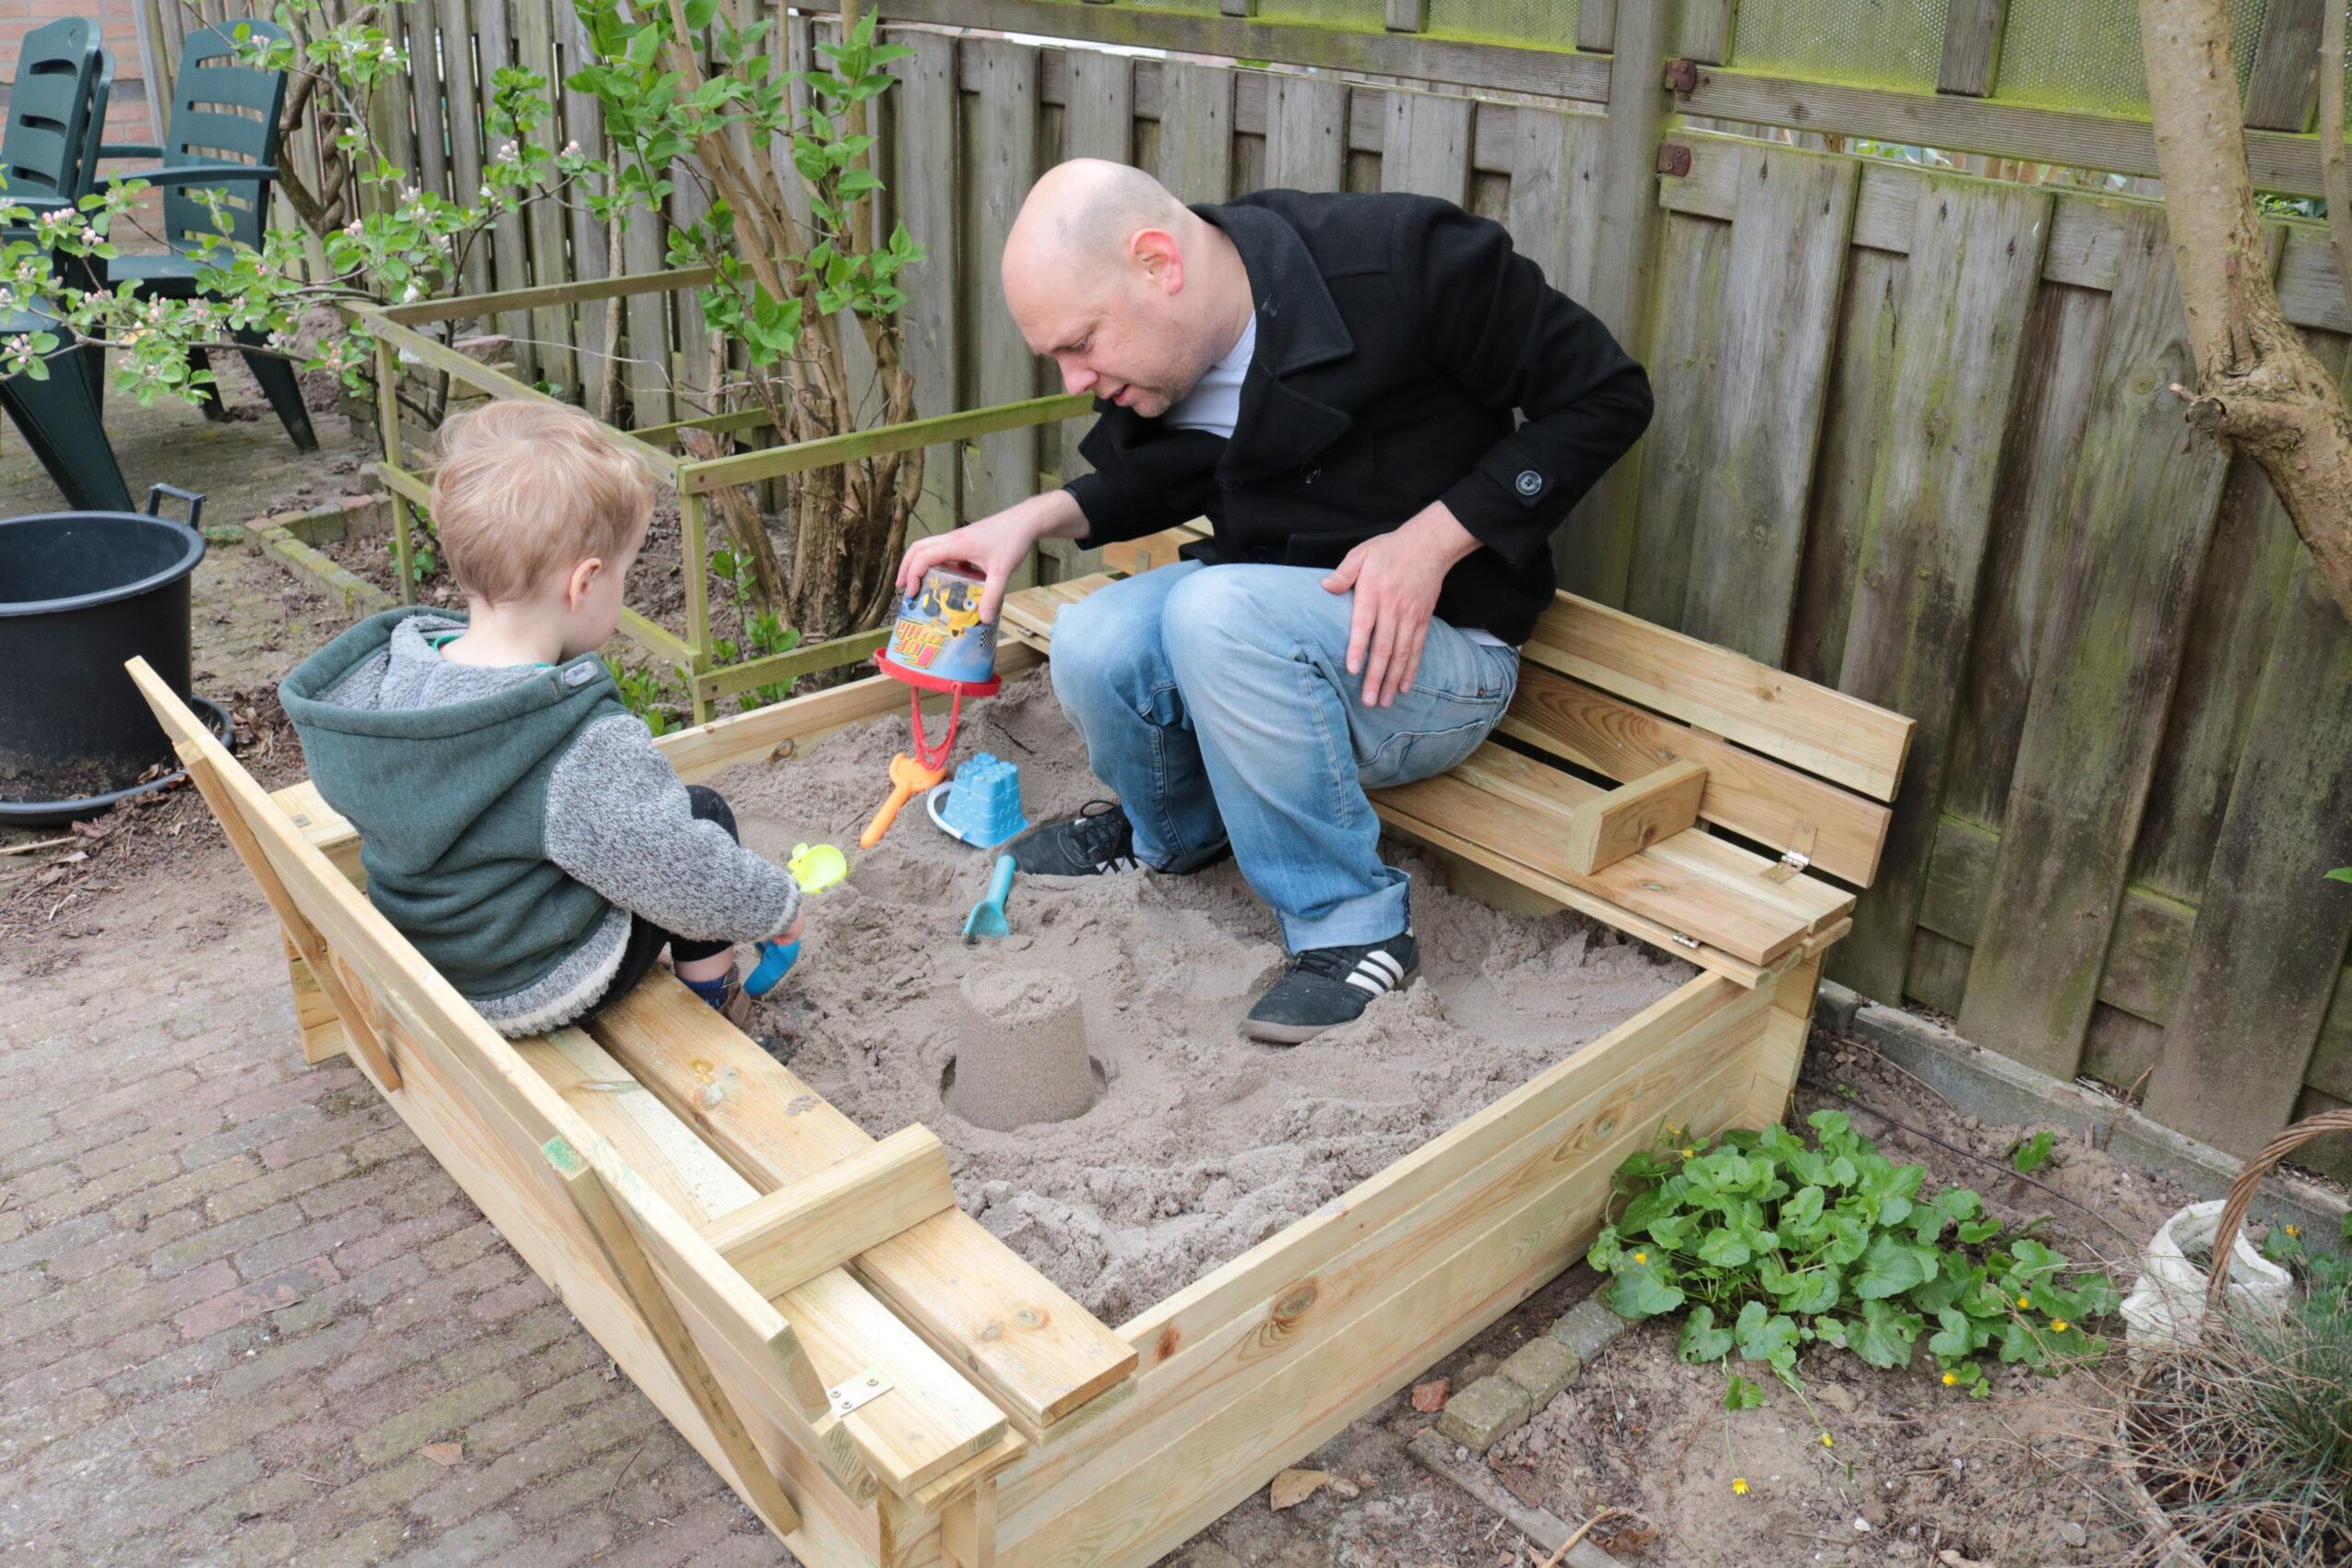 Zandbak in de tuin